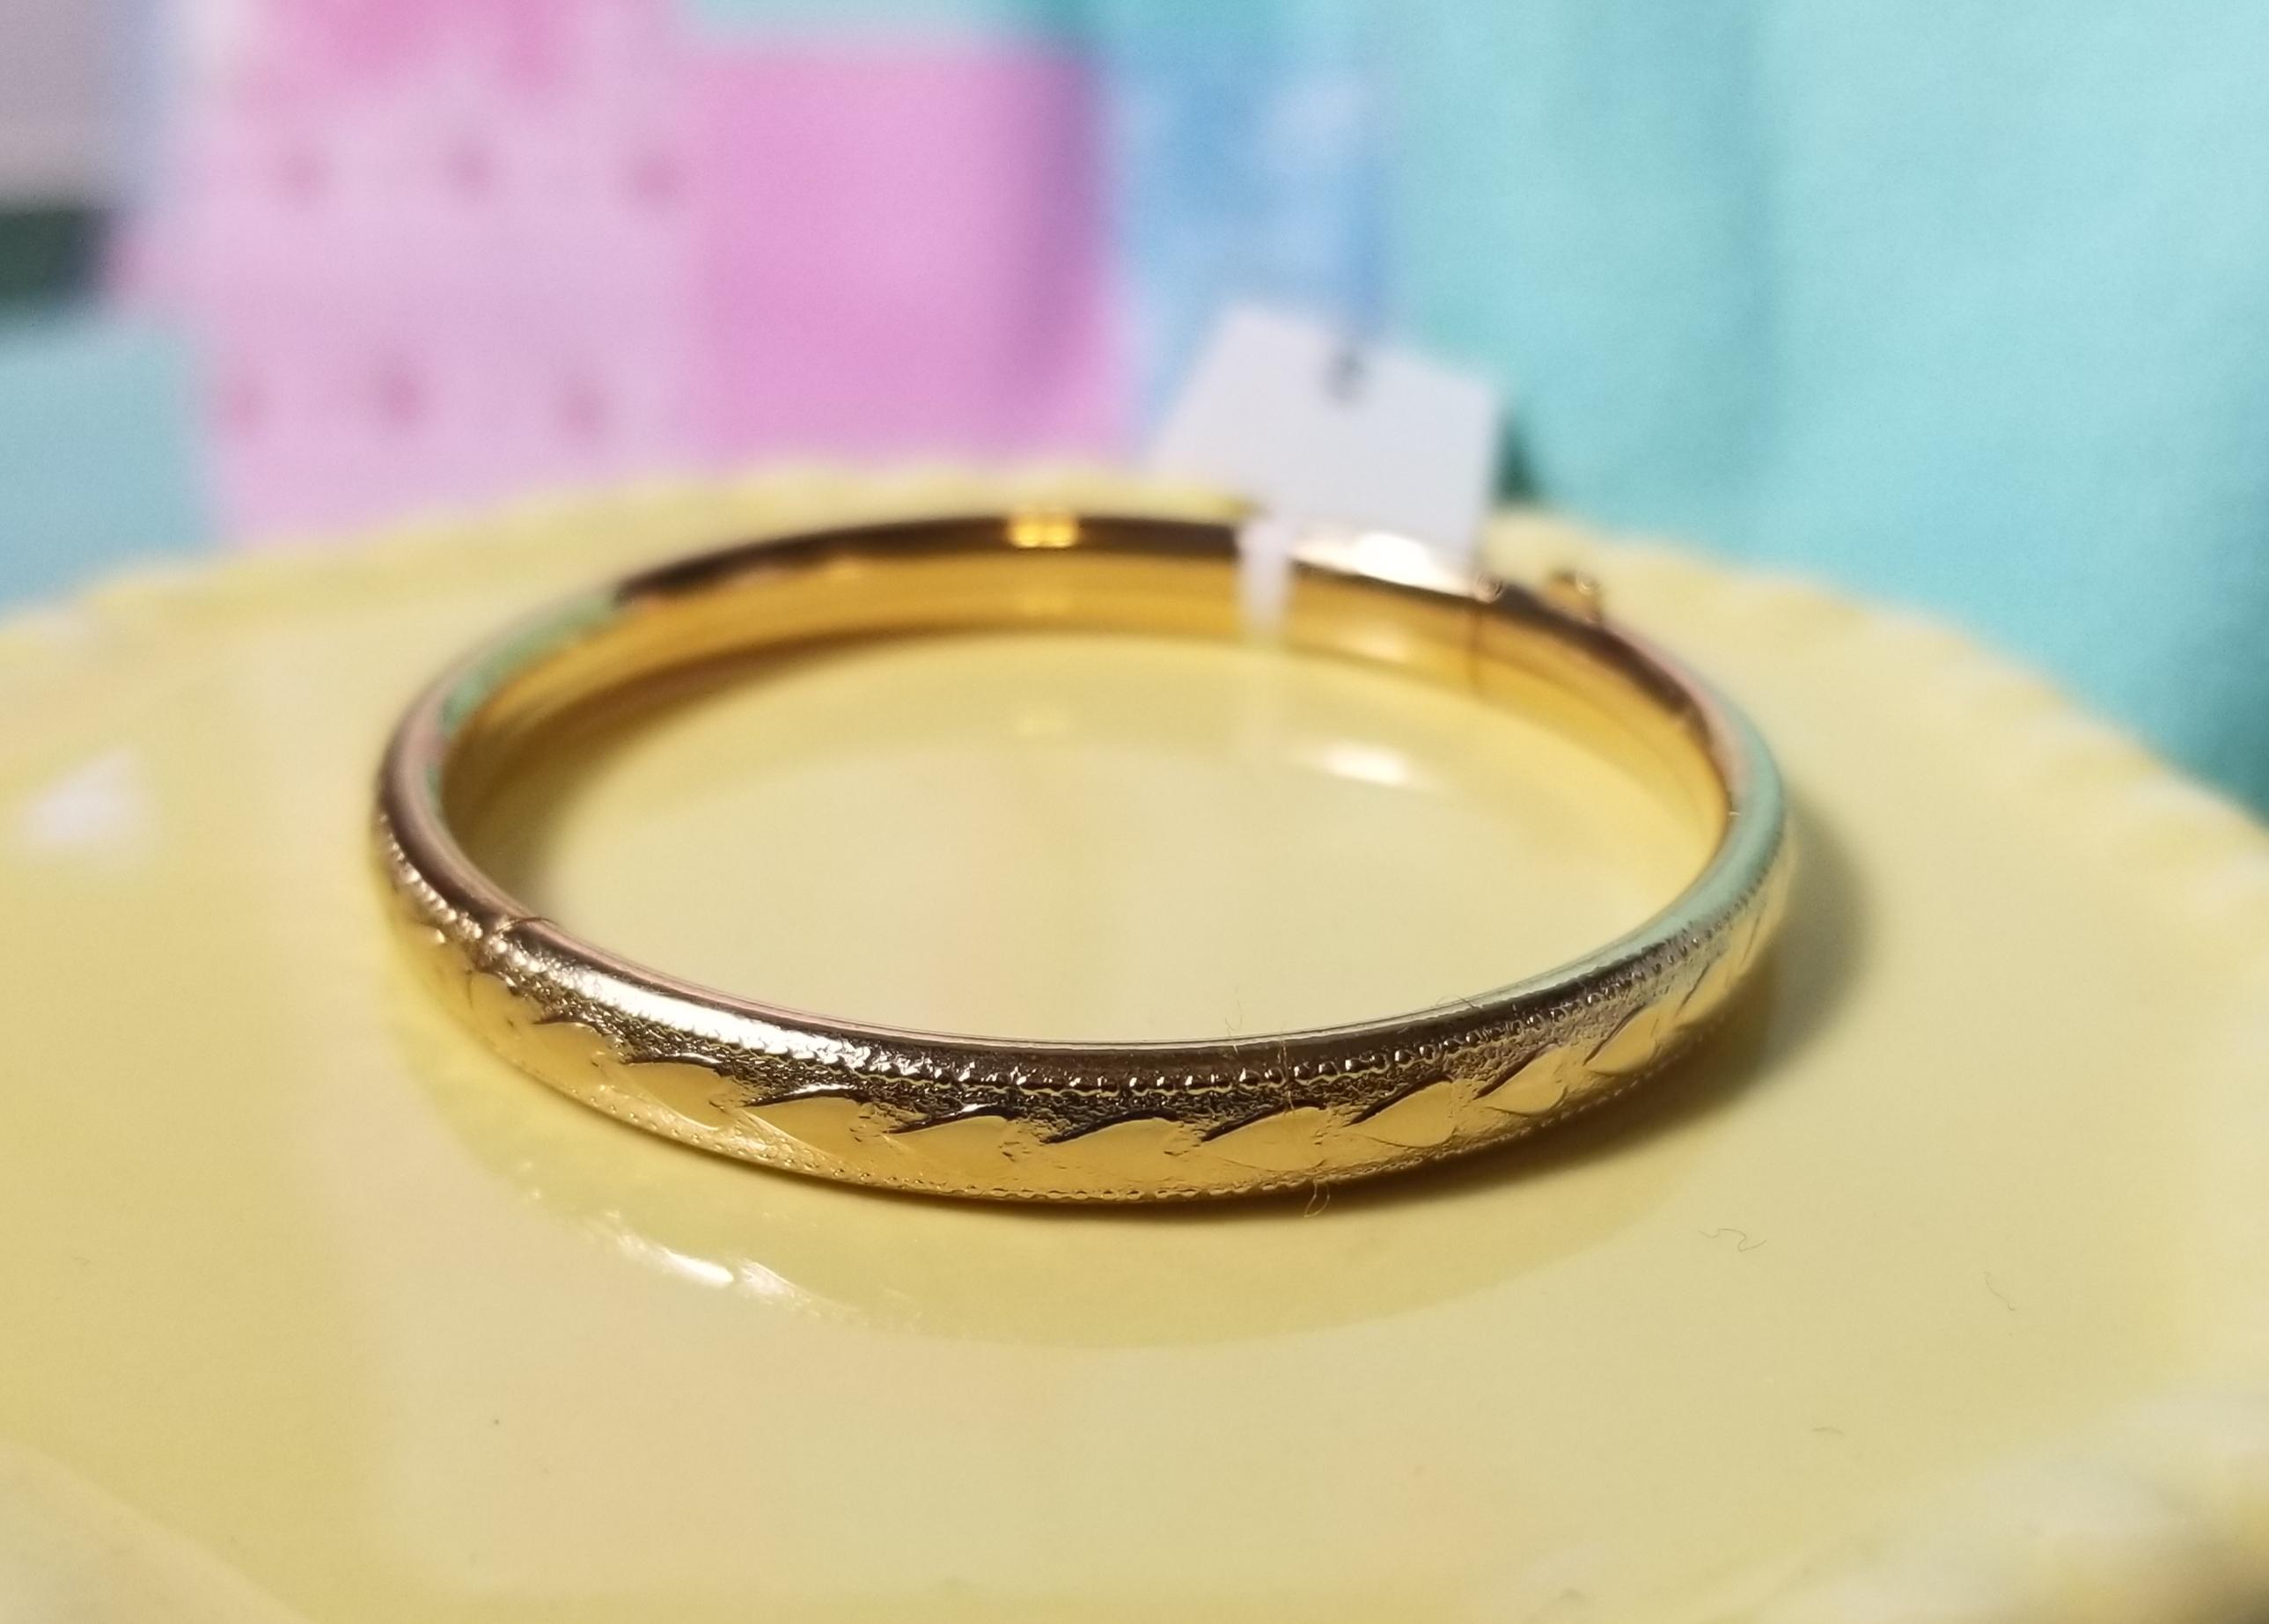 Gold Filled Raised Heart Bangle Bracelet  - Mt0009B